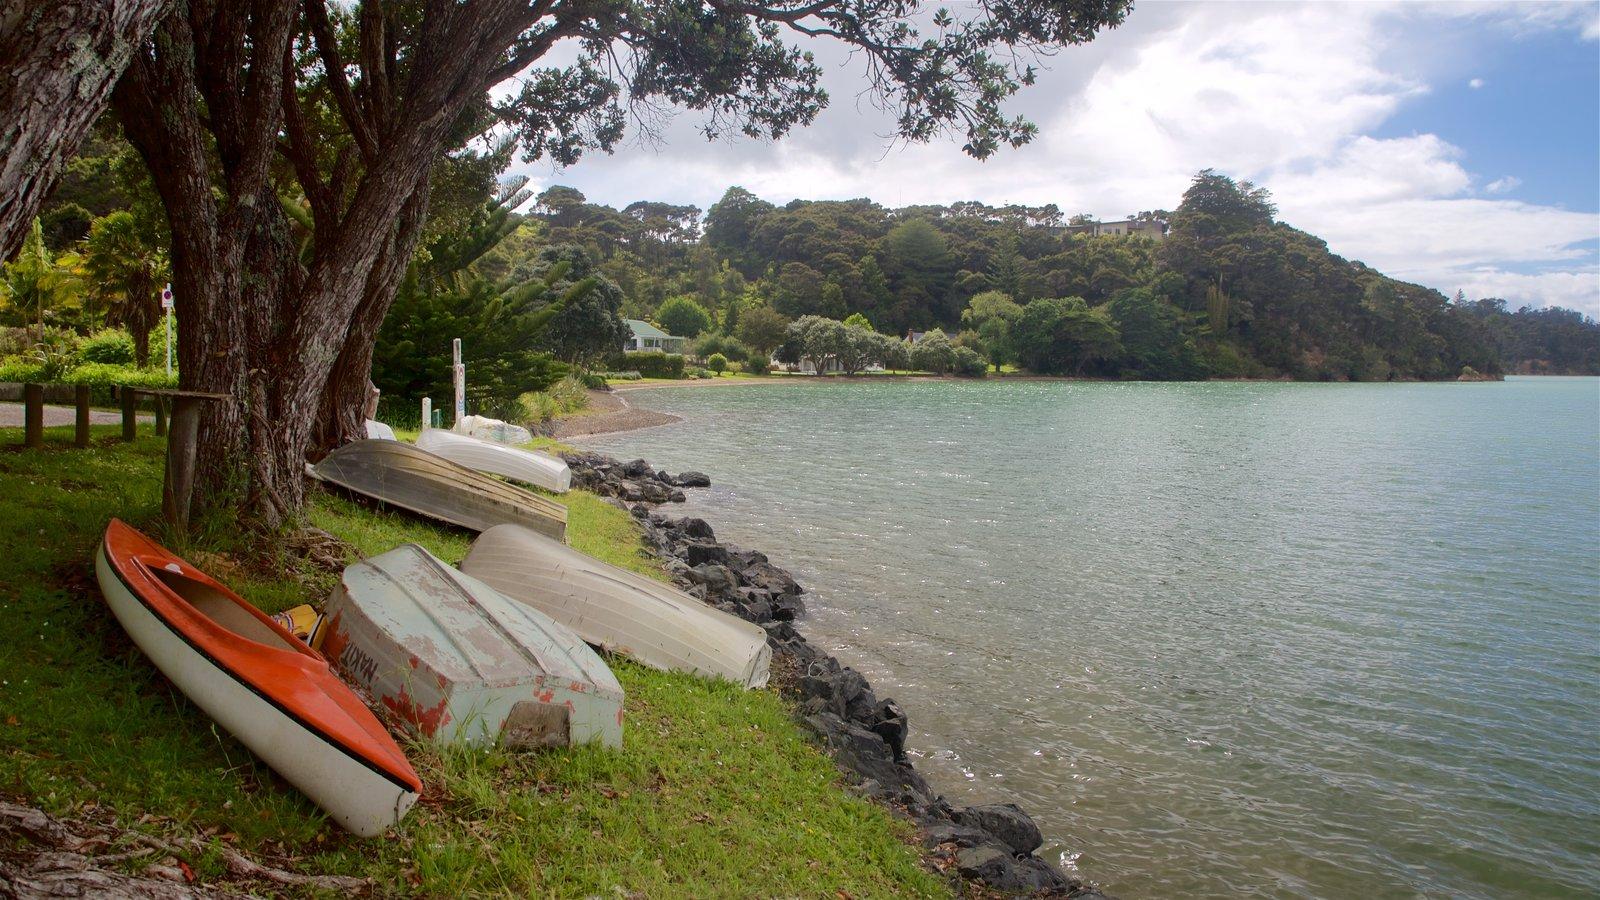 Okiato que incluye una bahía o puerto